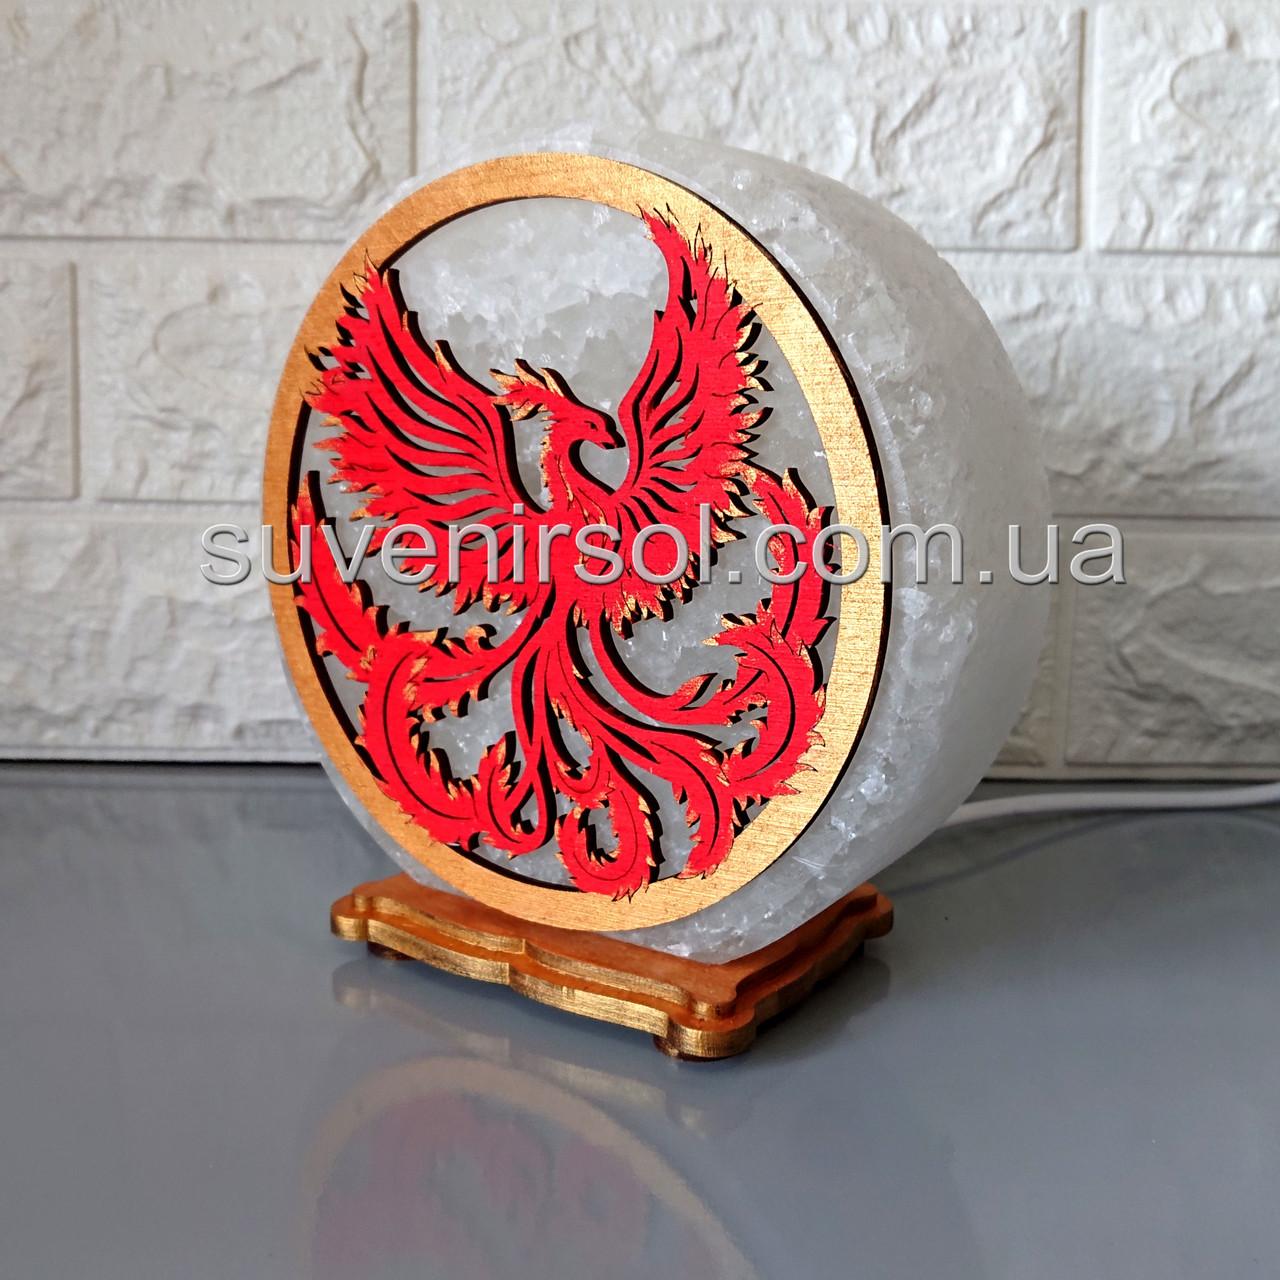 Соляной светильник круглый Феникс цветной